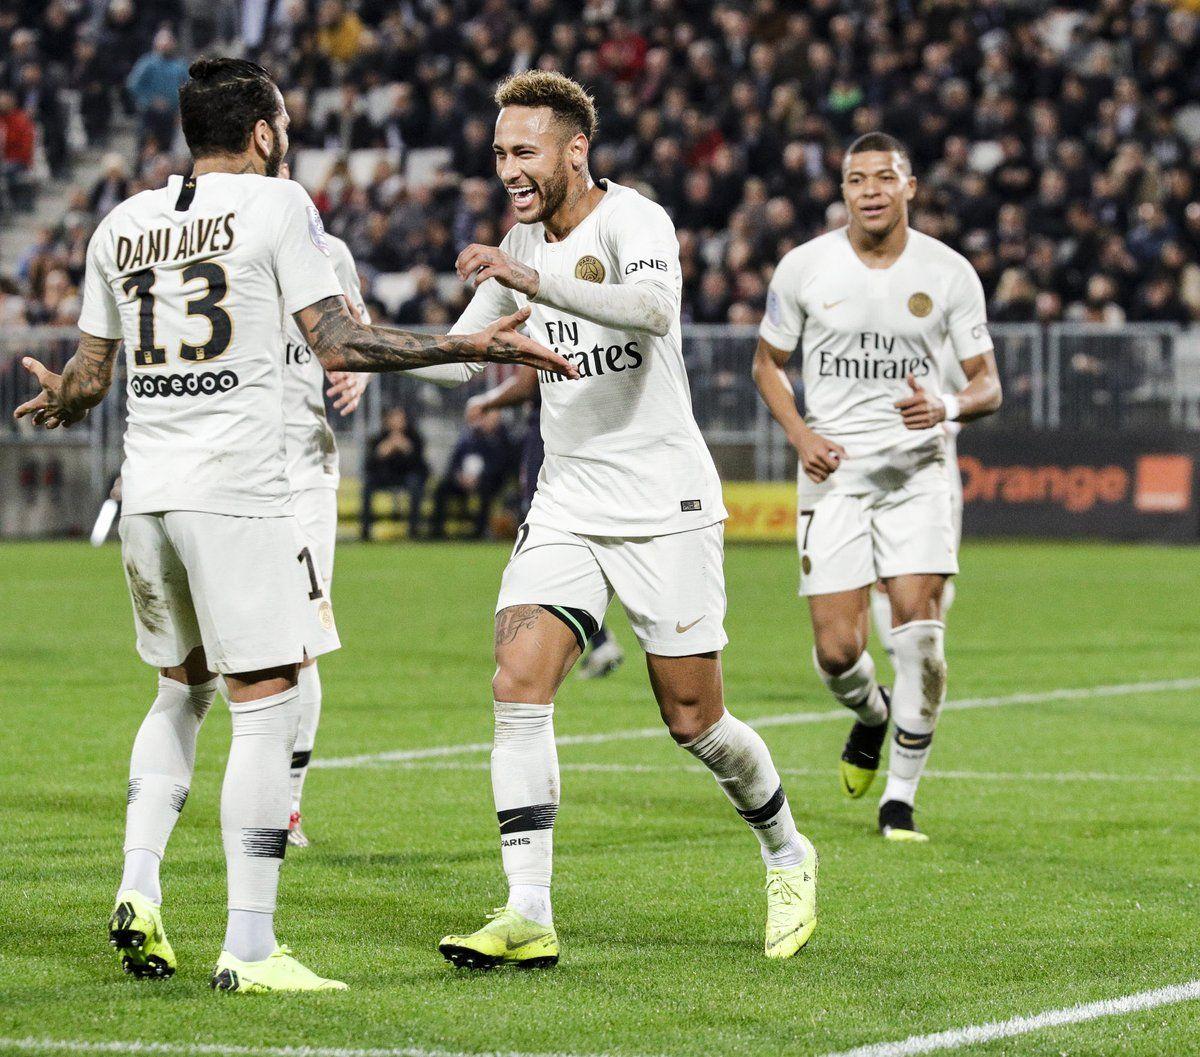 Bordeaux vs PSG 22 Highlights & Goals 2.12.2018